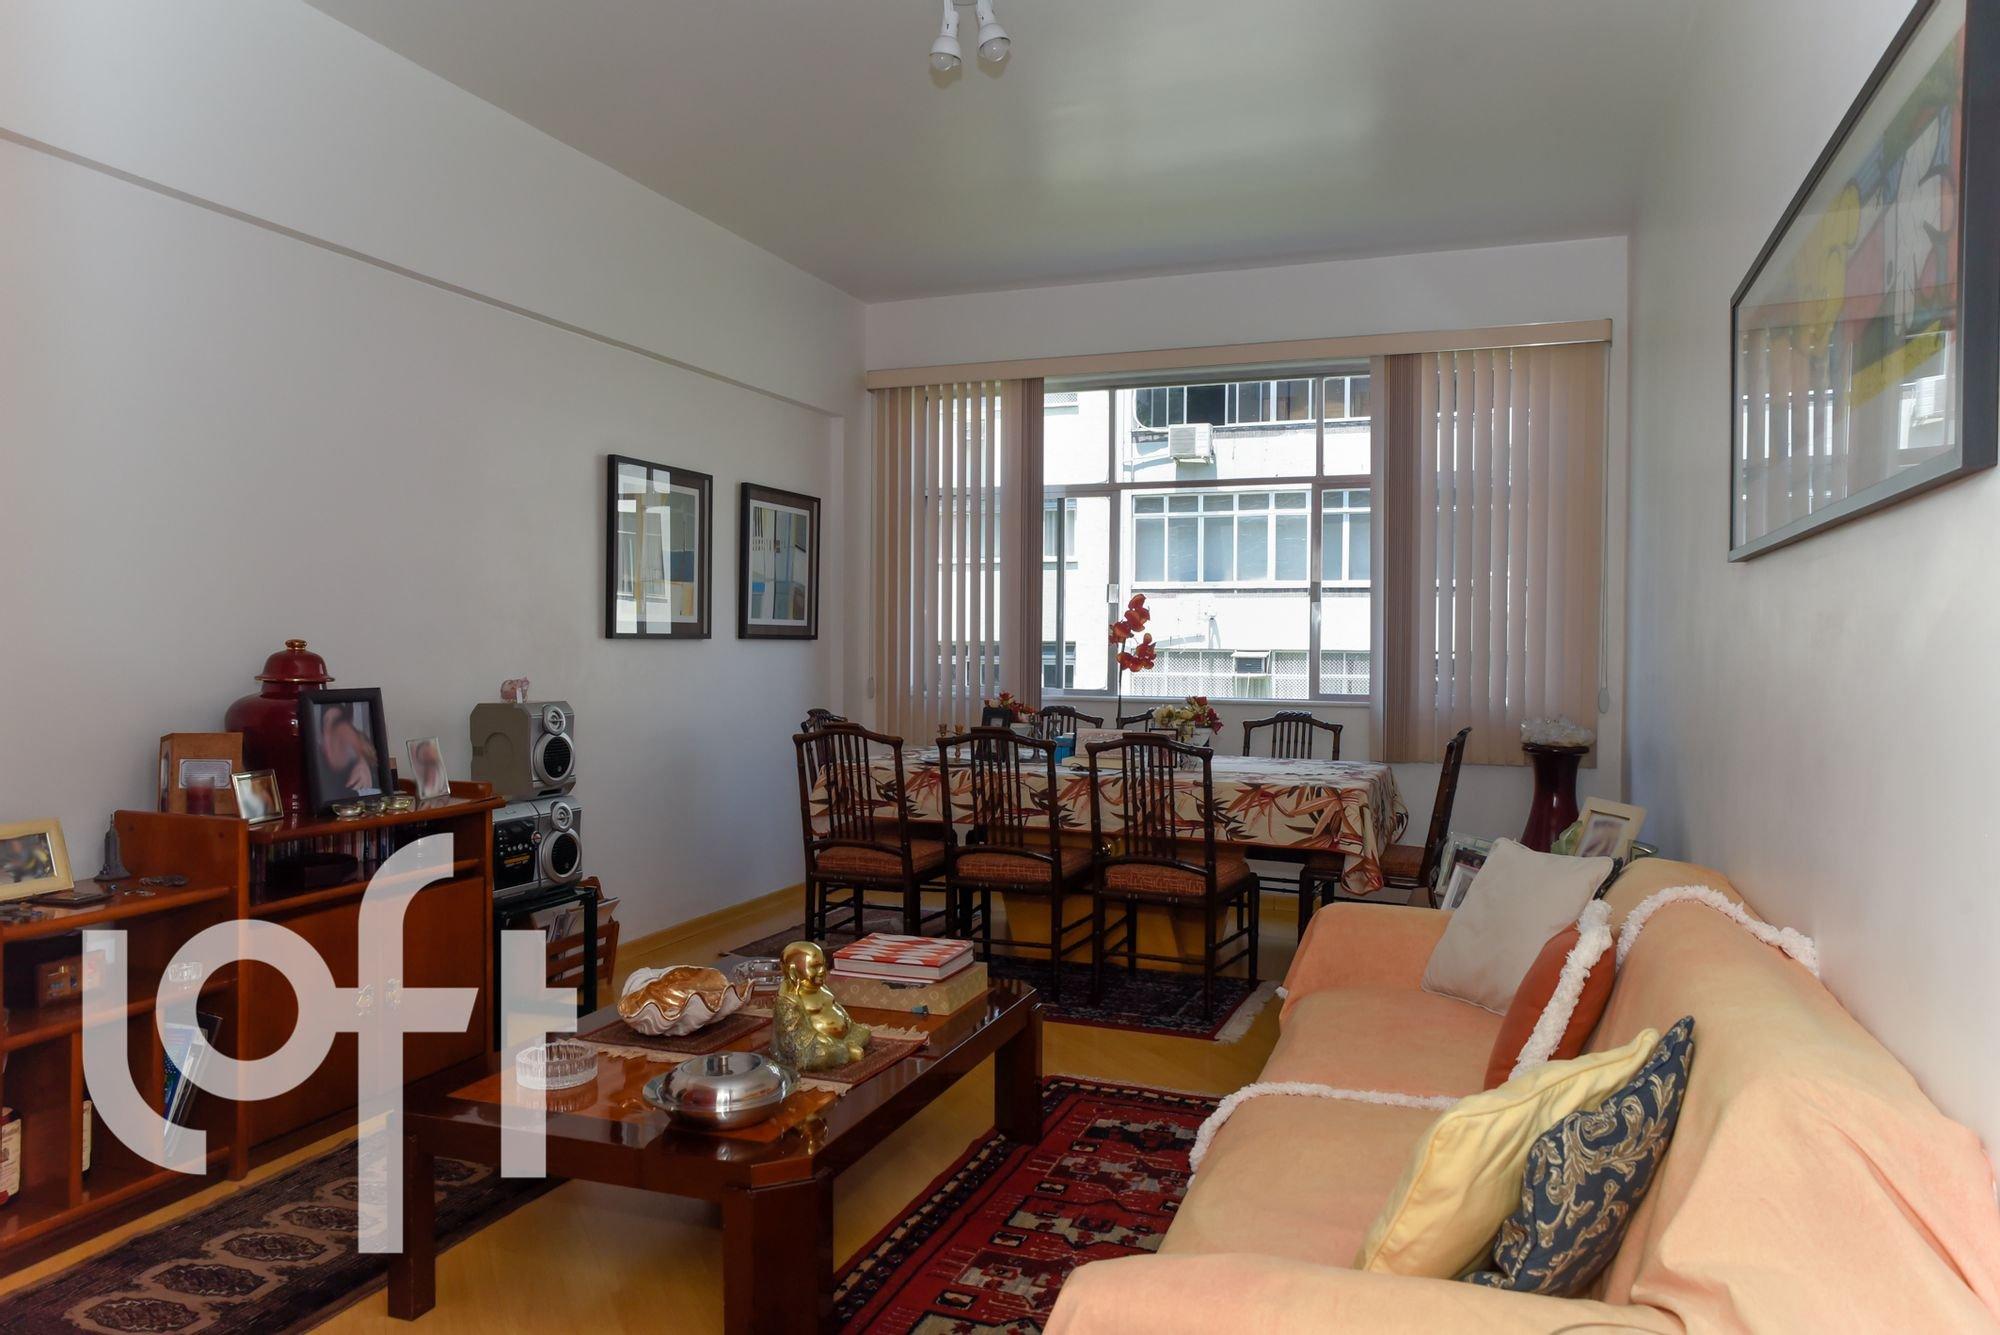 Foto de Sala com sofá, cadeira, mesa de jantar, livro